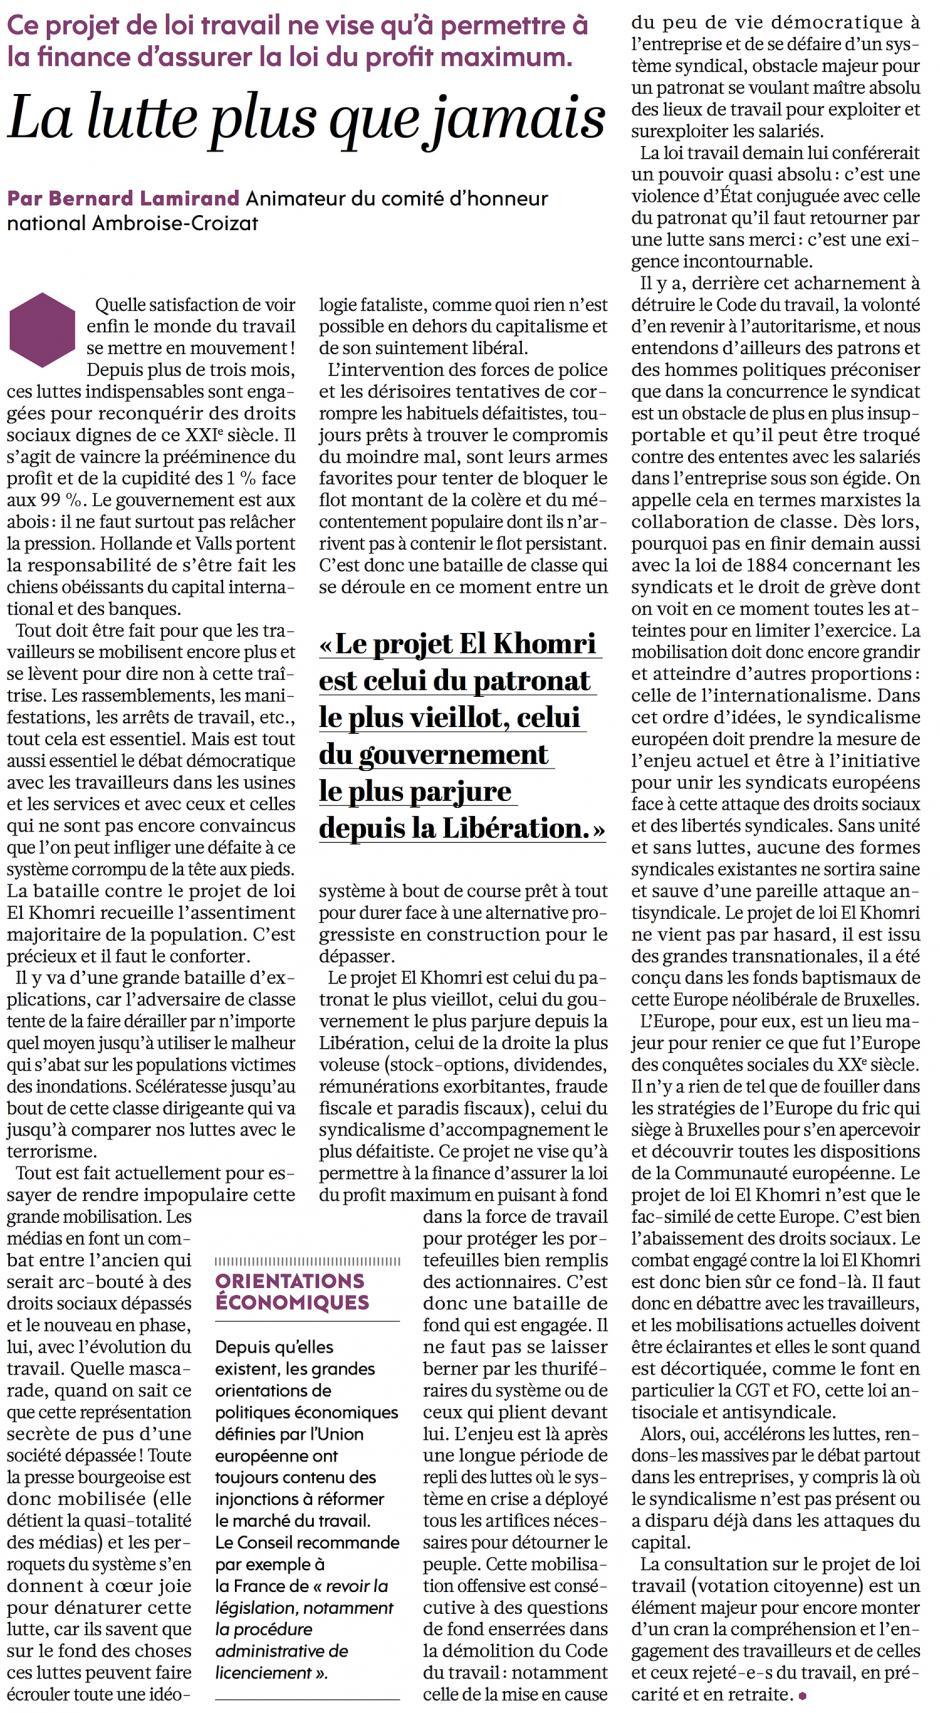 20160617-L'Huma-France-La lutte plus que jamais [Bernard Lamirand]